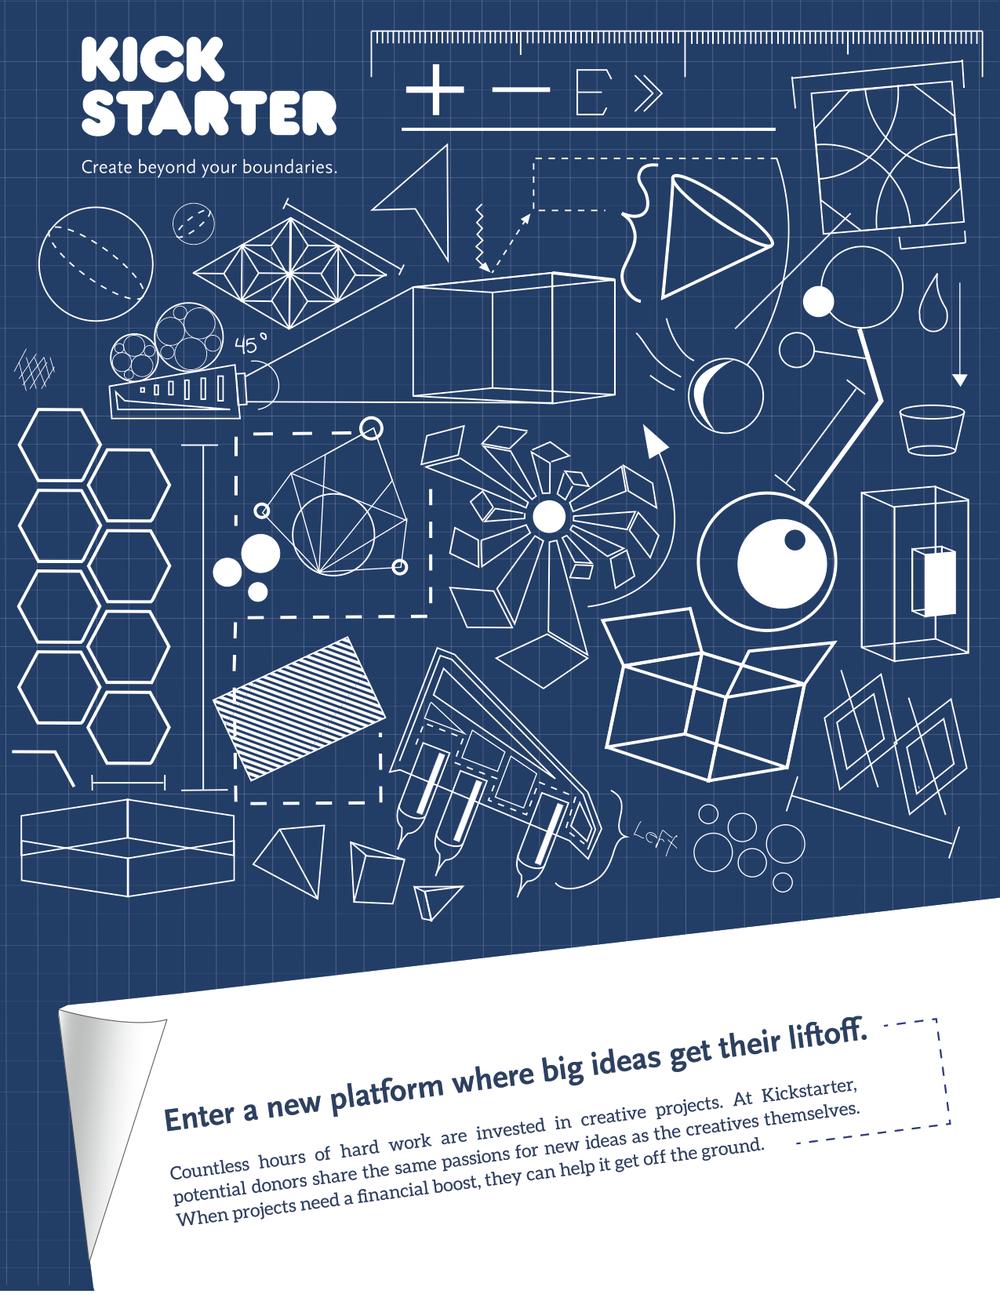 kickstarter2.jpg